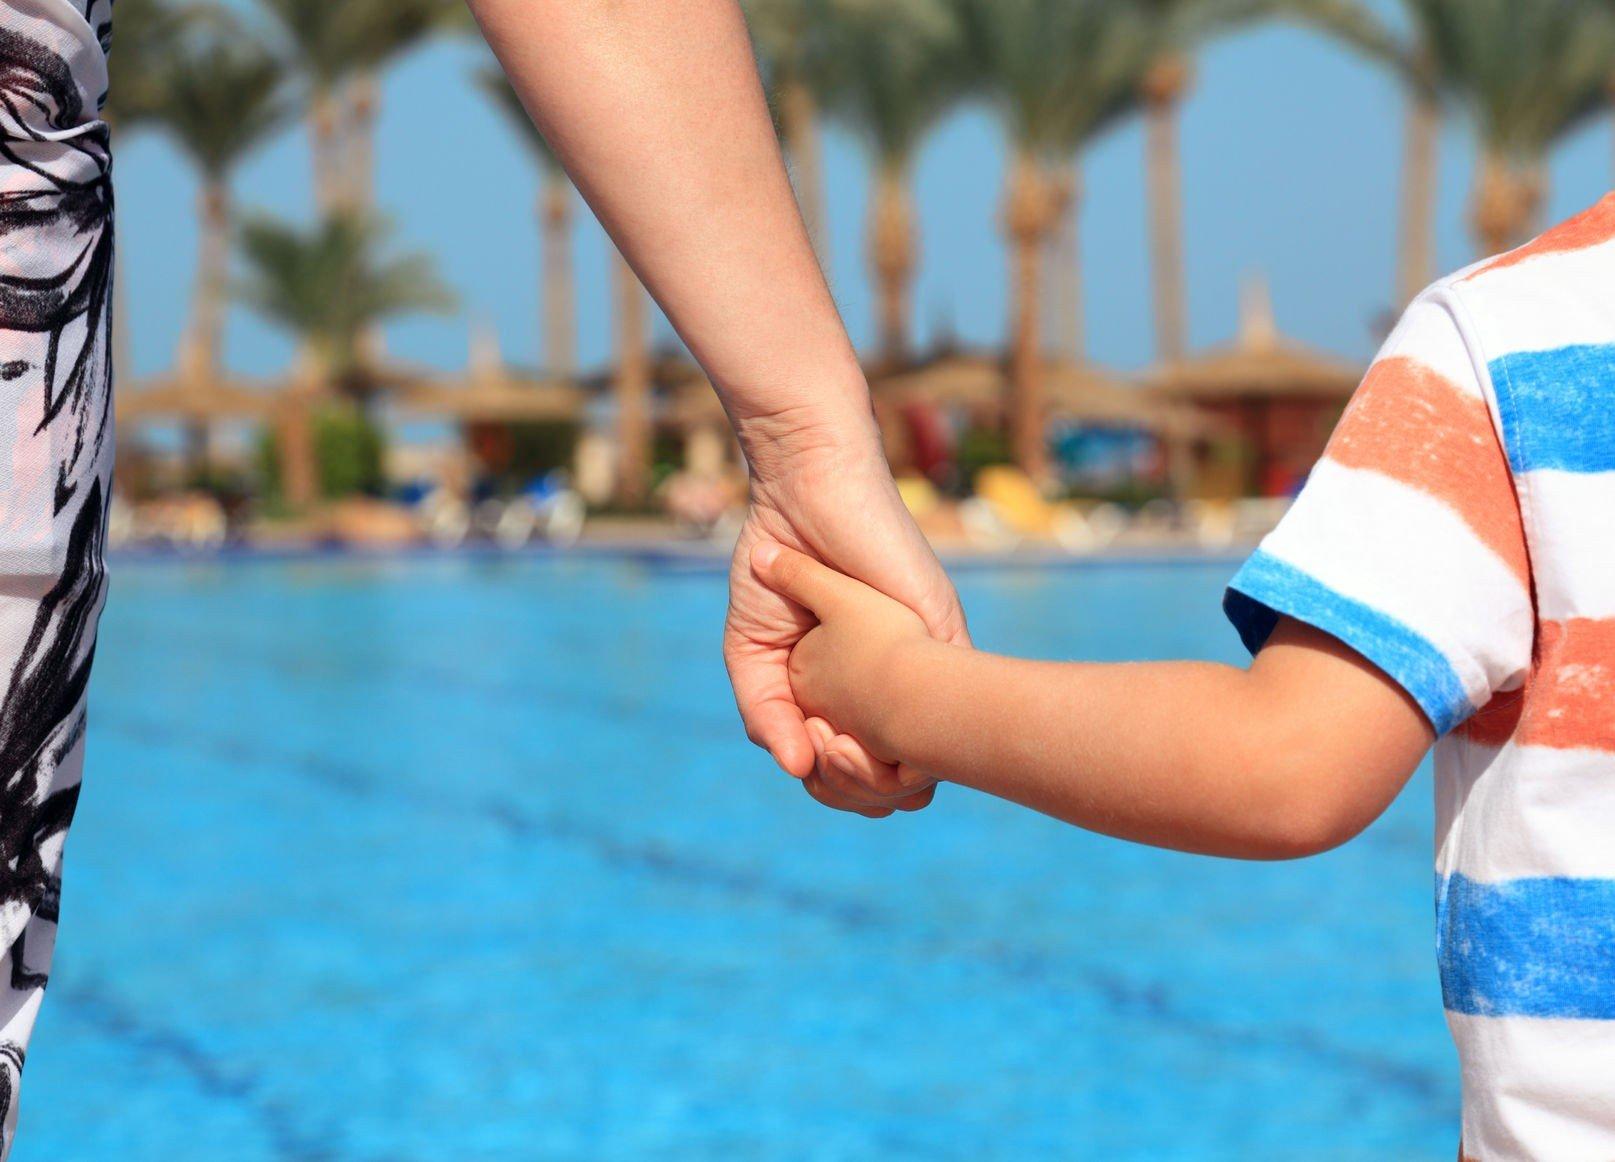 Gescheiden en met de kinderen op vakantie, waar moet u allemaal aan denken?